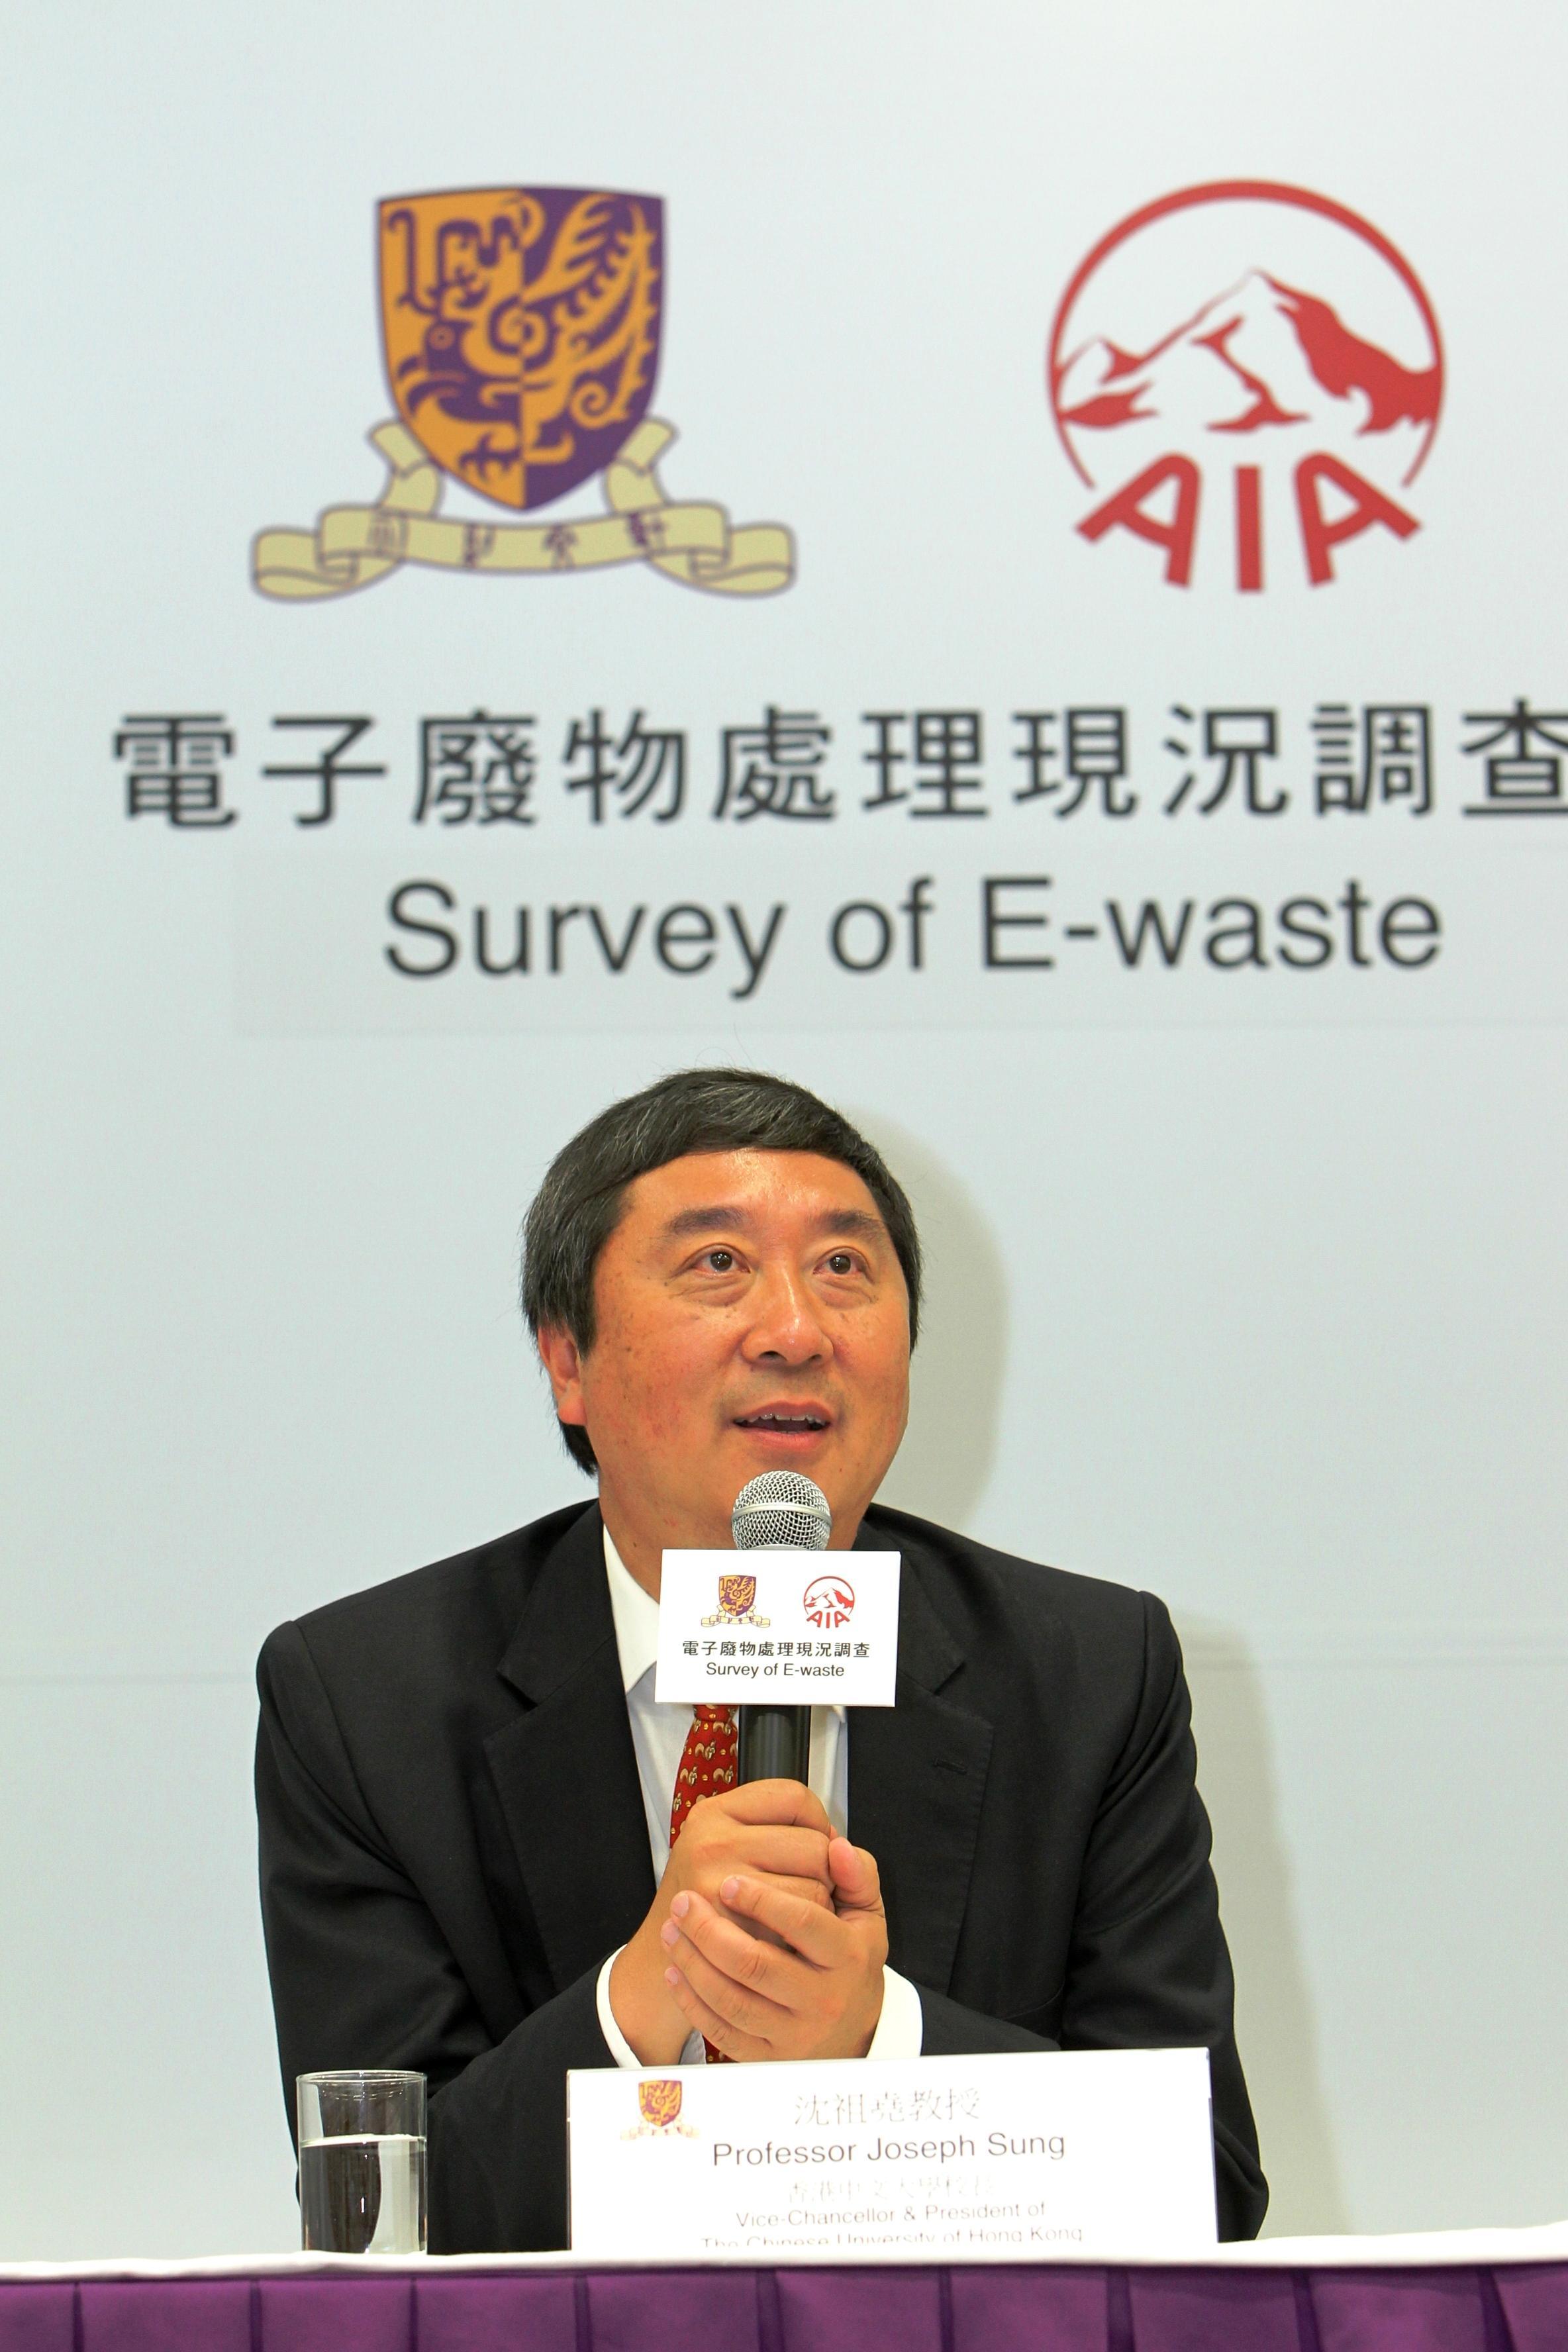 沈祖尧校长分享大学对可持续发展的愿景。